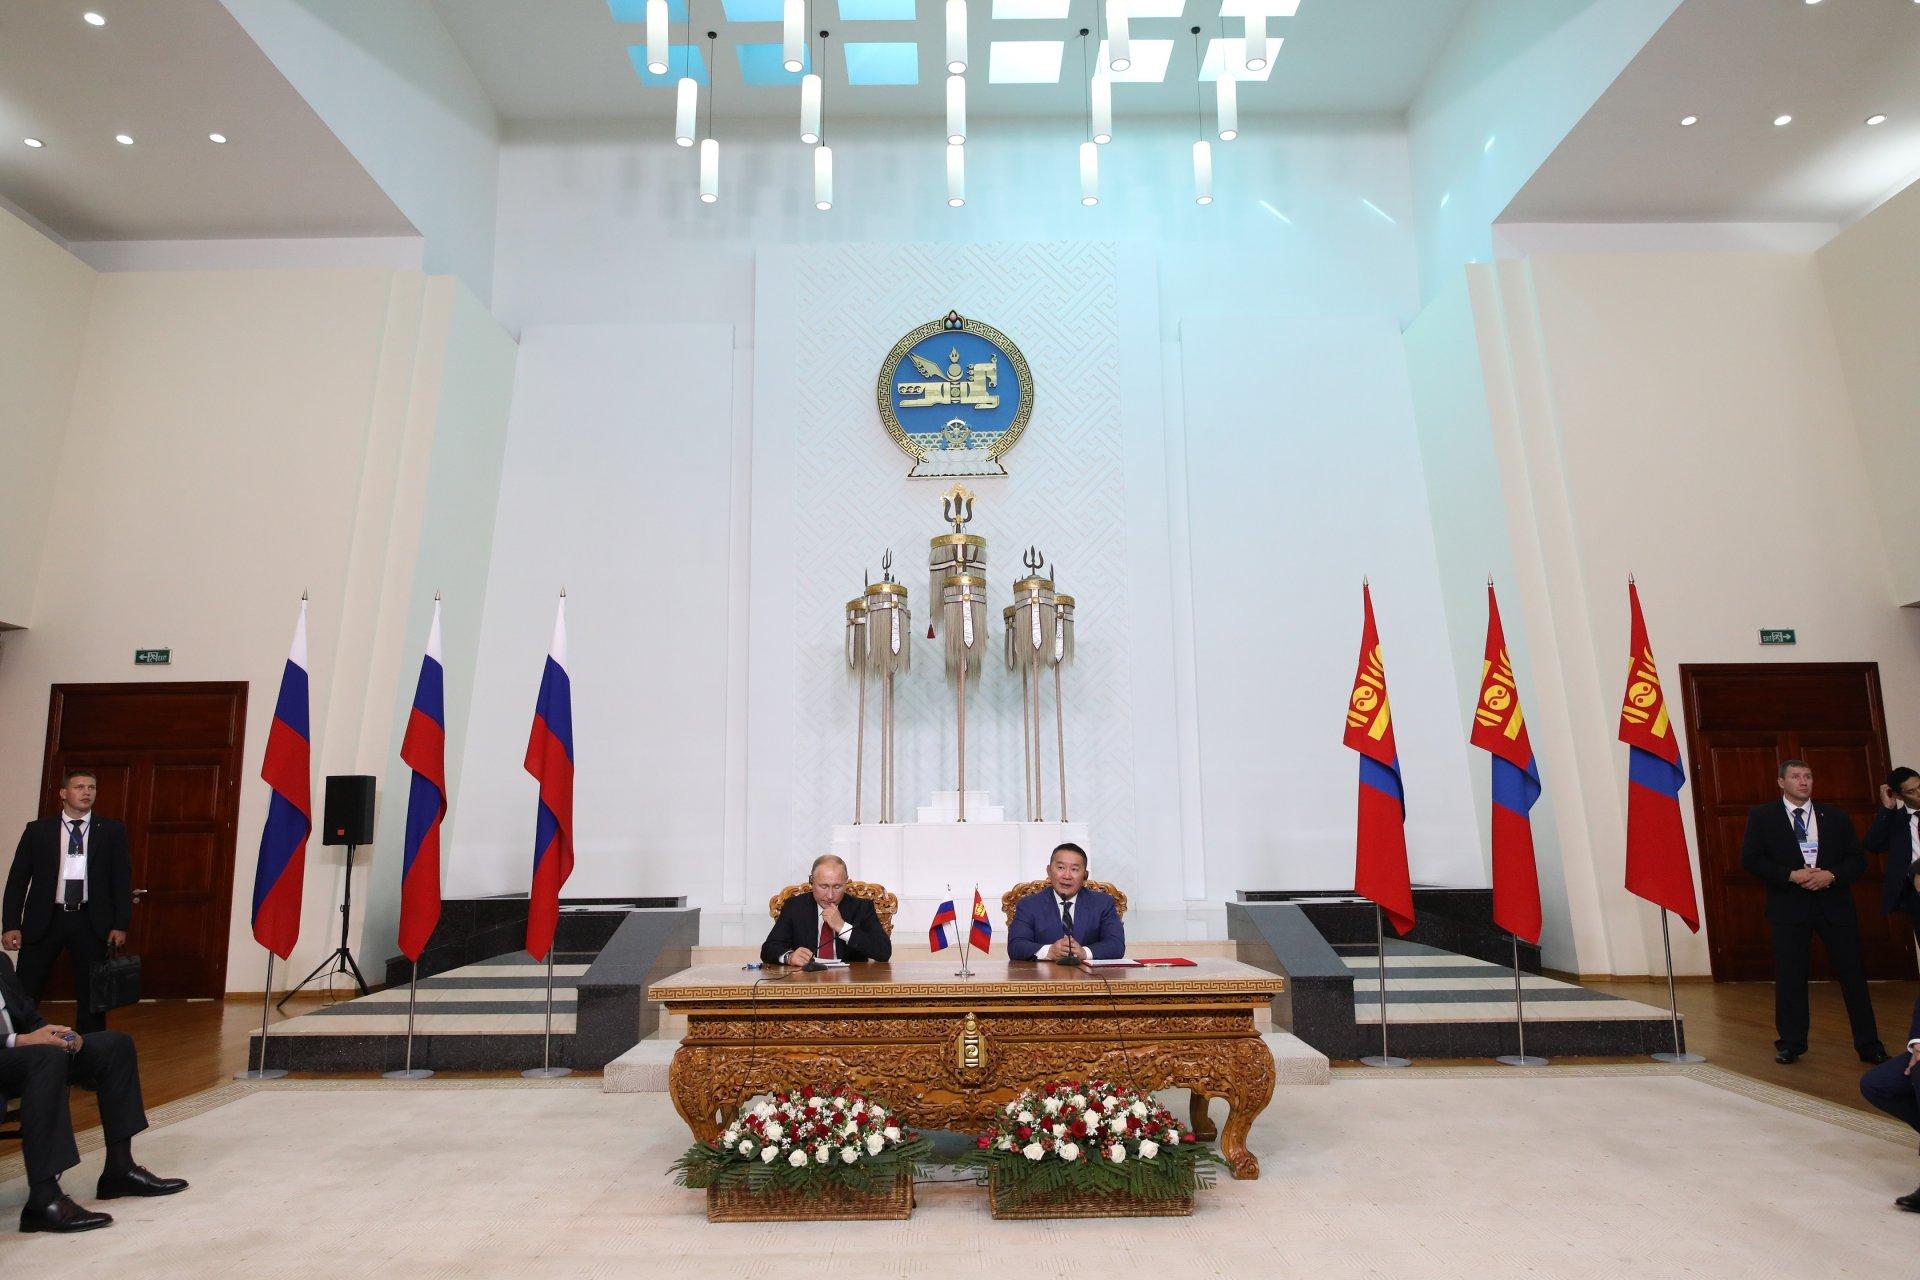 Монгол Улсын Ерөнхийлөгч Х.Баттулга, ОХУ-ын Ерөнхийлөгч В.В.Путин нар айлчлалыг дүгнэн мэдээлэл хийв